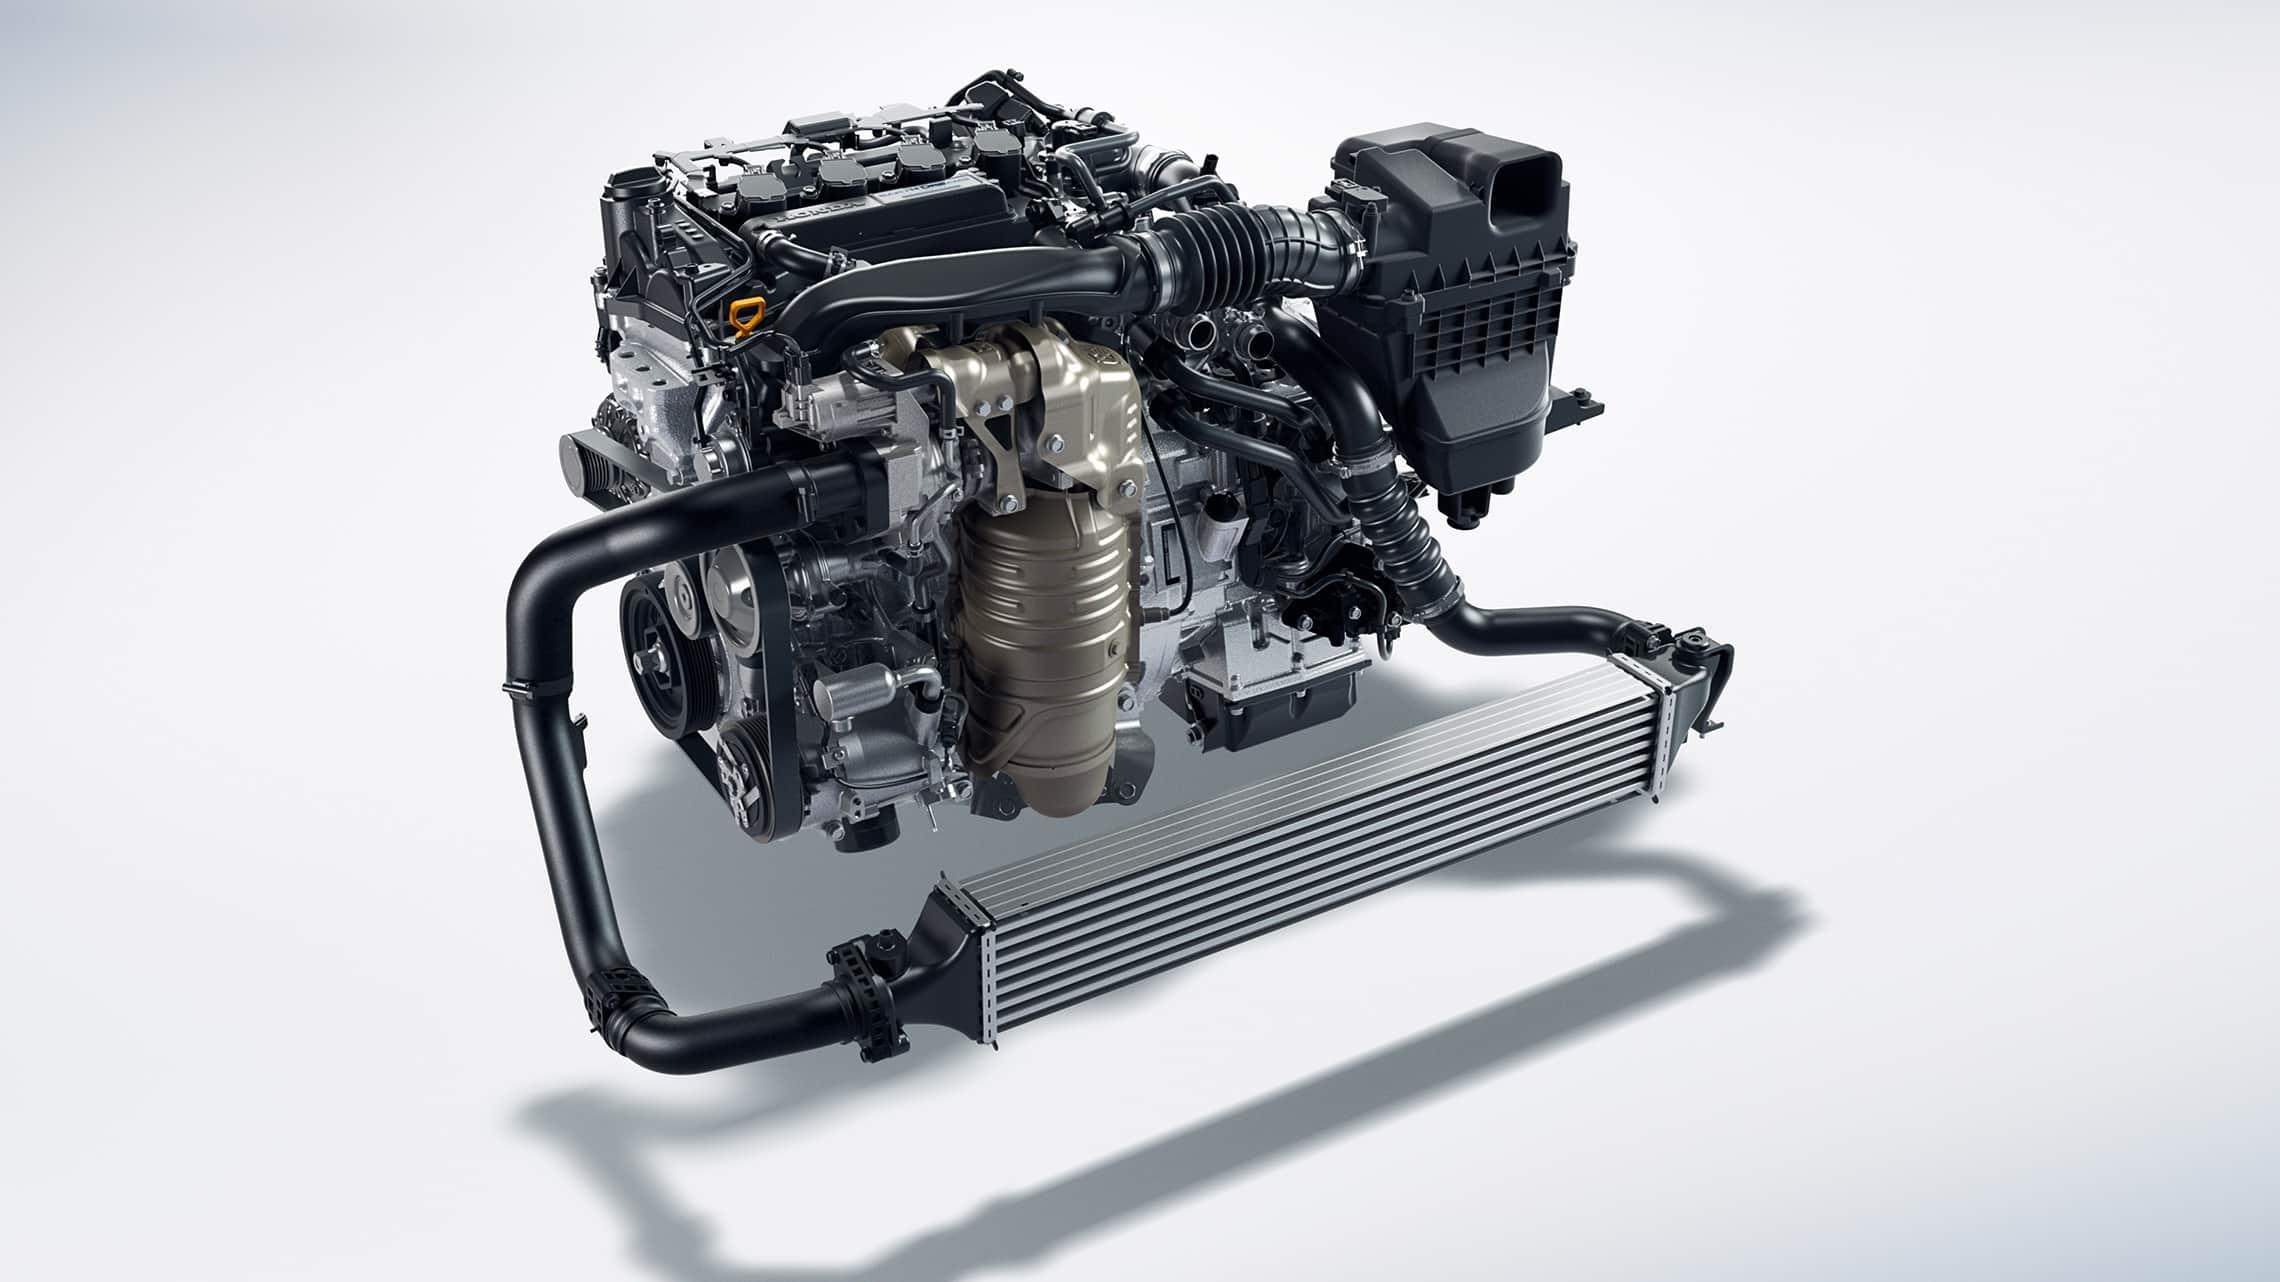 Detalle del motor turboalimentado de 1.5litros en el Honda Civic Coupé2020.